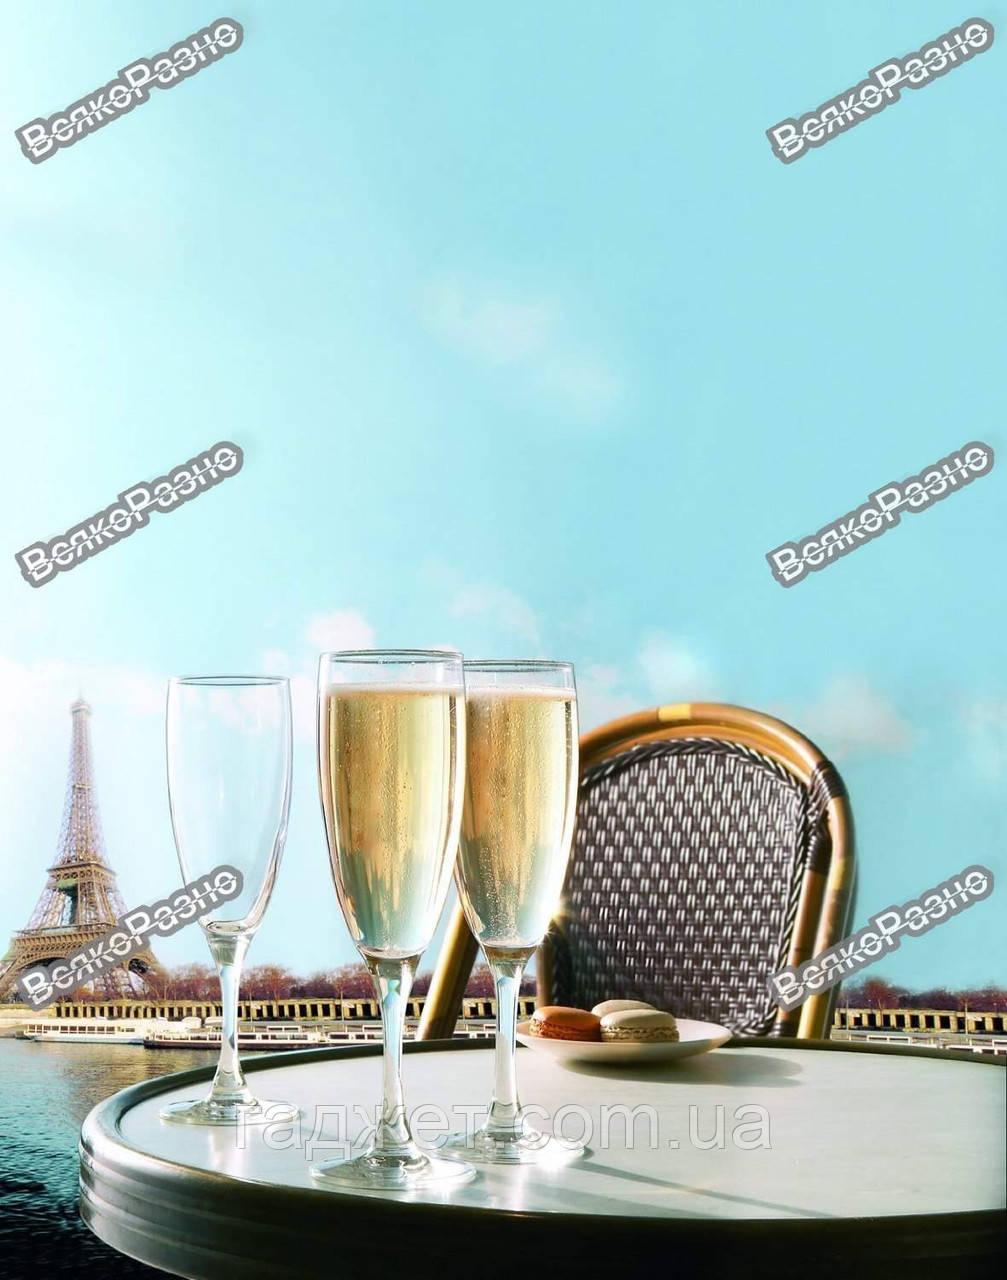 Набор из 6 бокалов для шампанского / Бокалы для шампанского